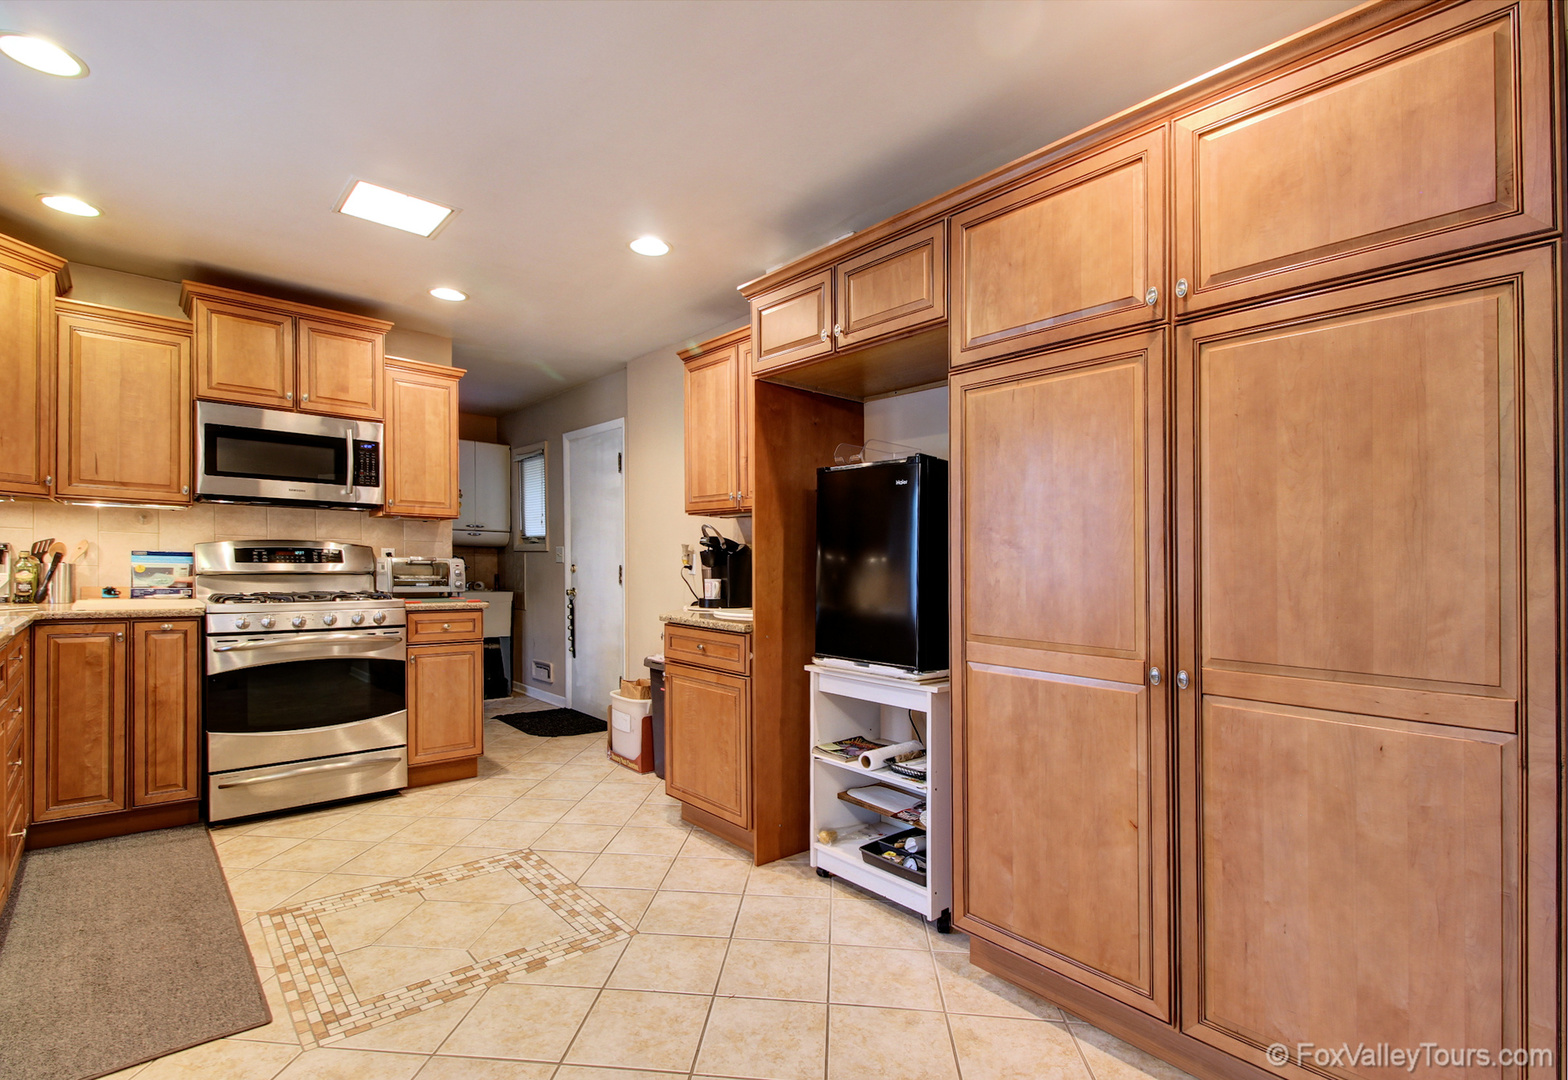 1620 Southlawn, AURORA, Illinois, 60506